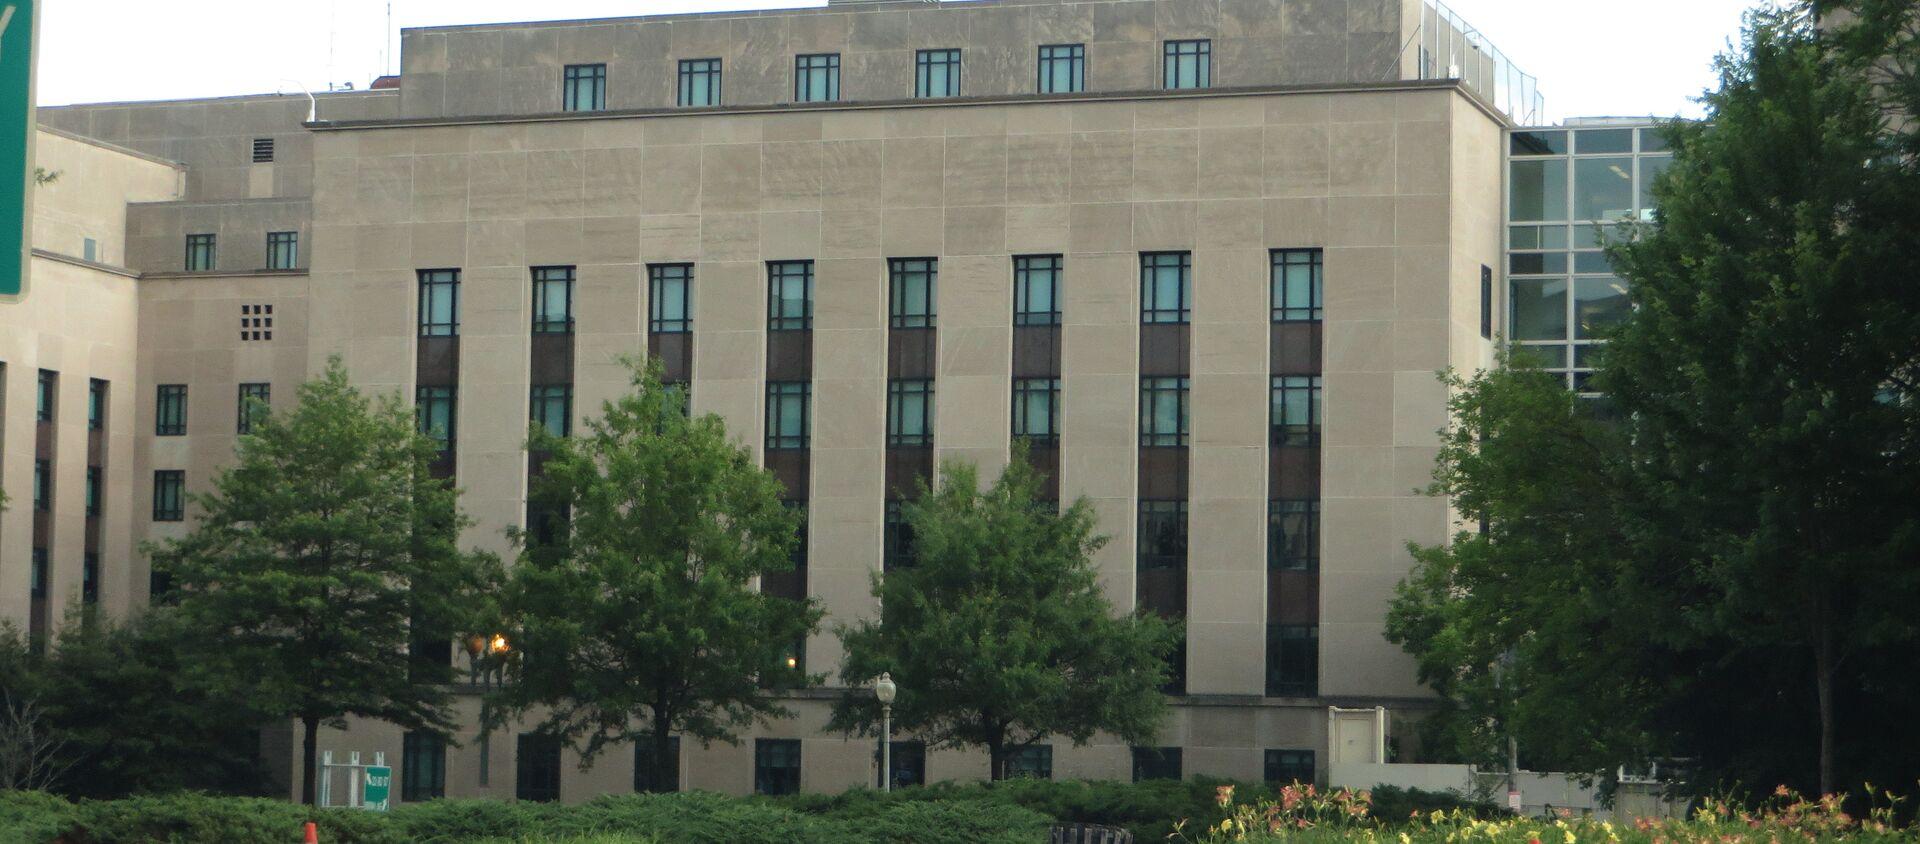 აშშ-ის სახელმწიფო დეპარტამენტის შენობა - Sputnik საქართველო, 1920, 07.06.2018